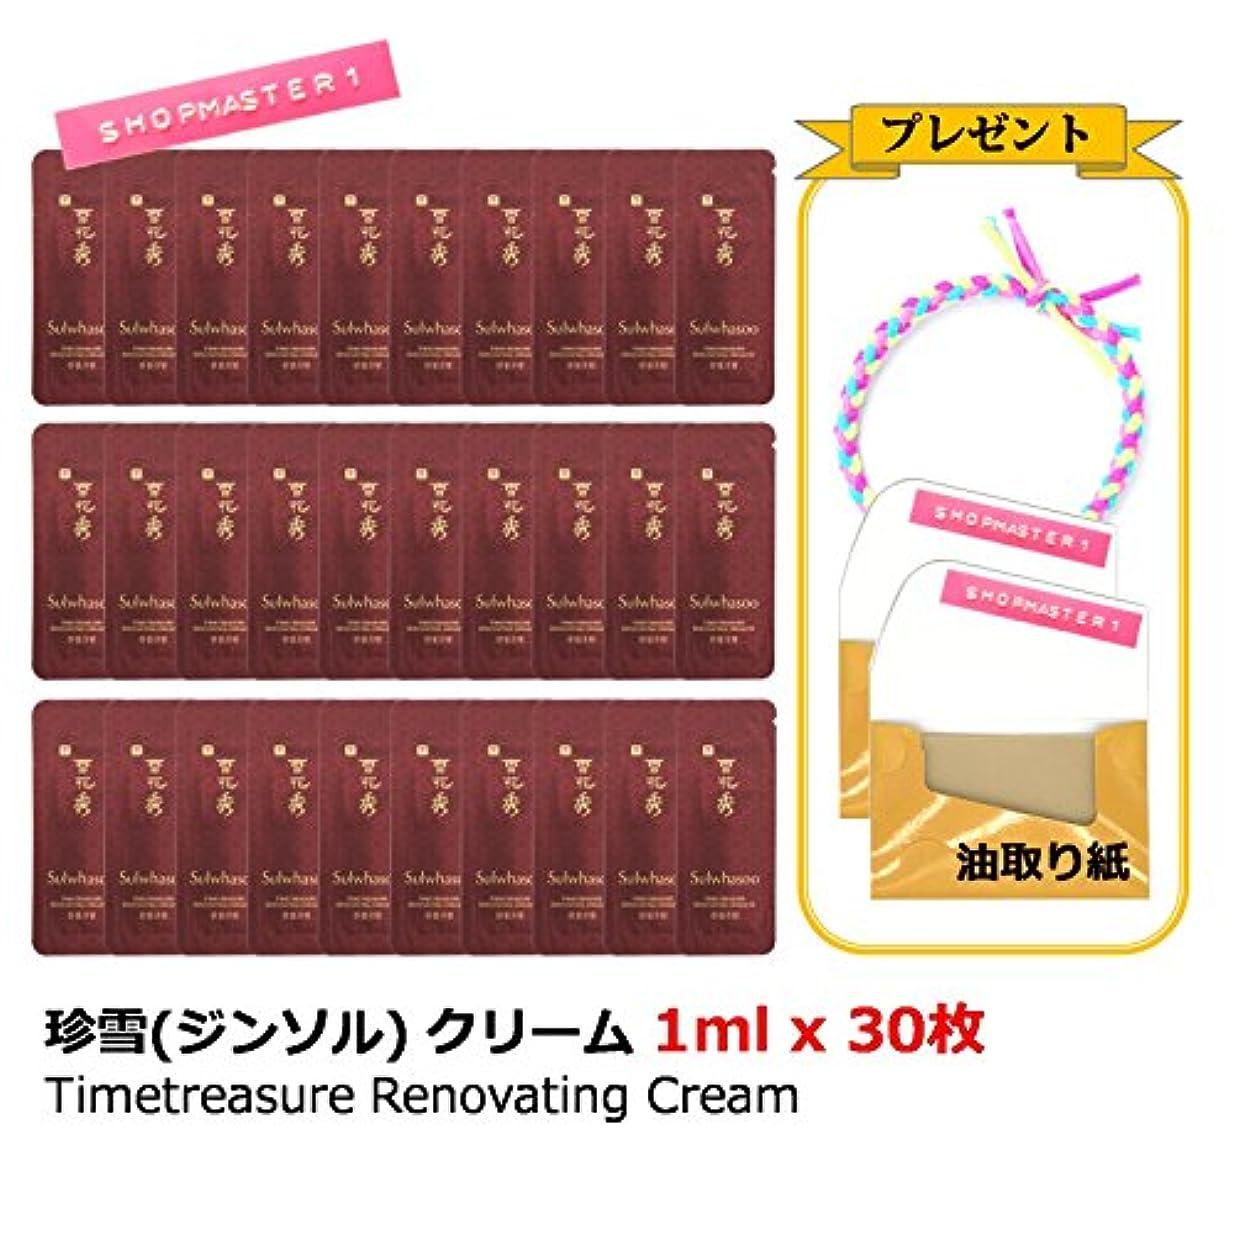 論争住むエコー【Sulwhasoo ソルファス】珍雪(ジンソル) クリーム 1ml x 30枚 Timetreasure Renovating Cream/プレゼント 油取り紙 2個(30枚ずつ)、ヘアタイ/海外直配送